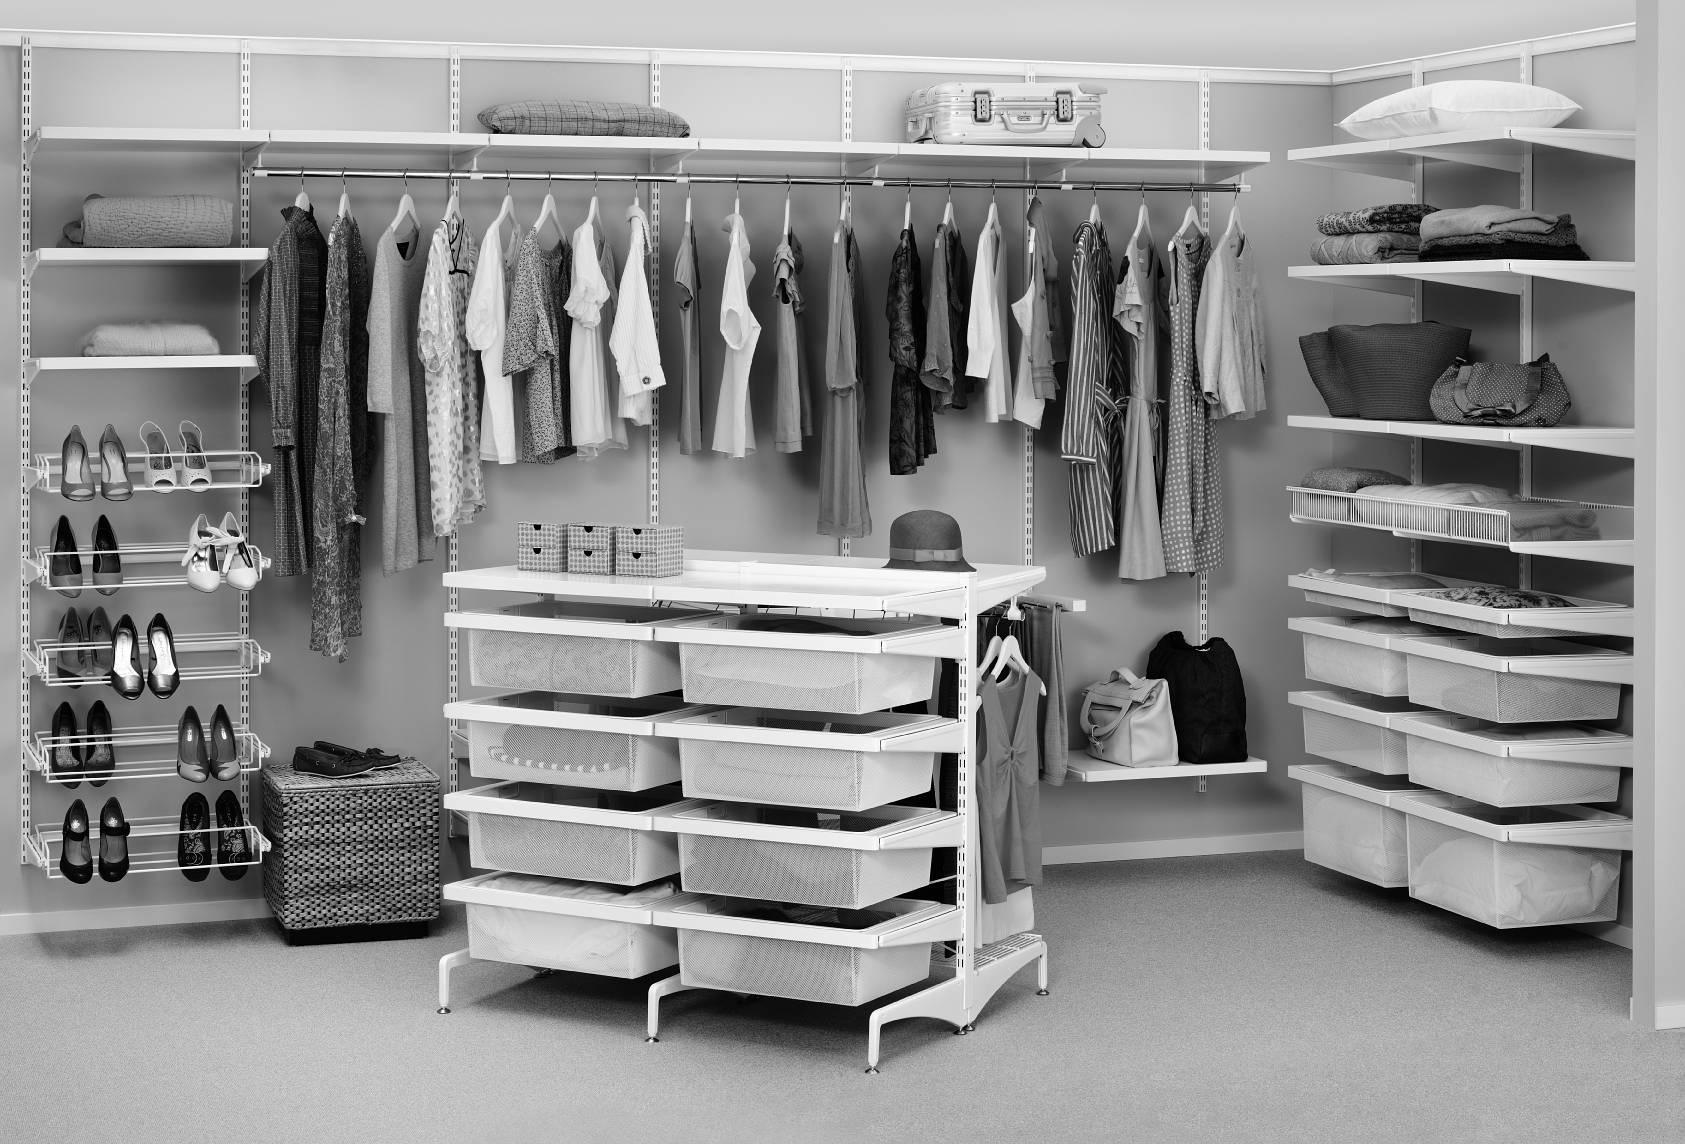 Как спланировать гардеробную: основные правила (30 фото).